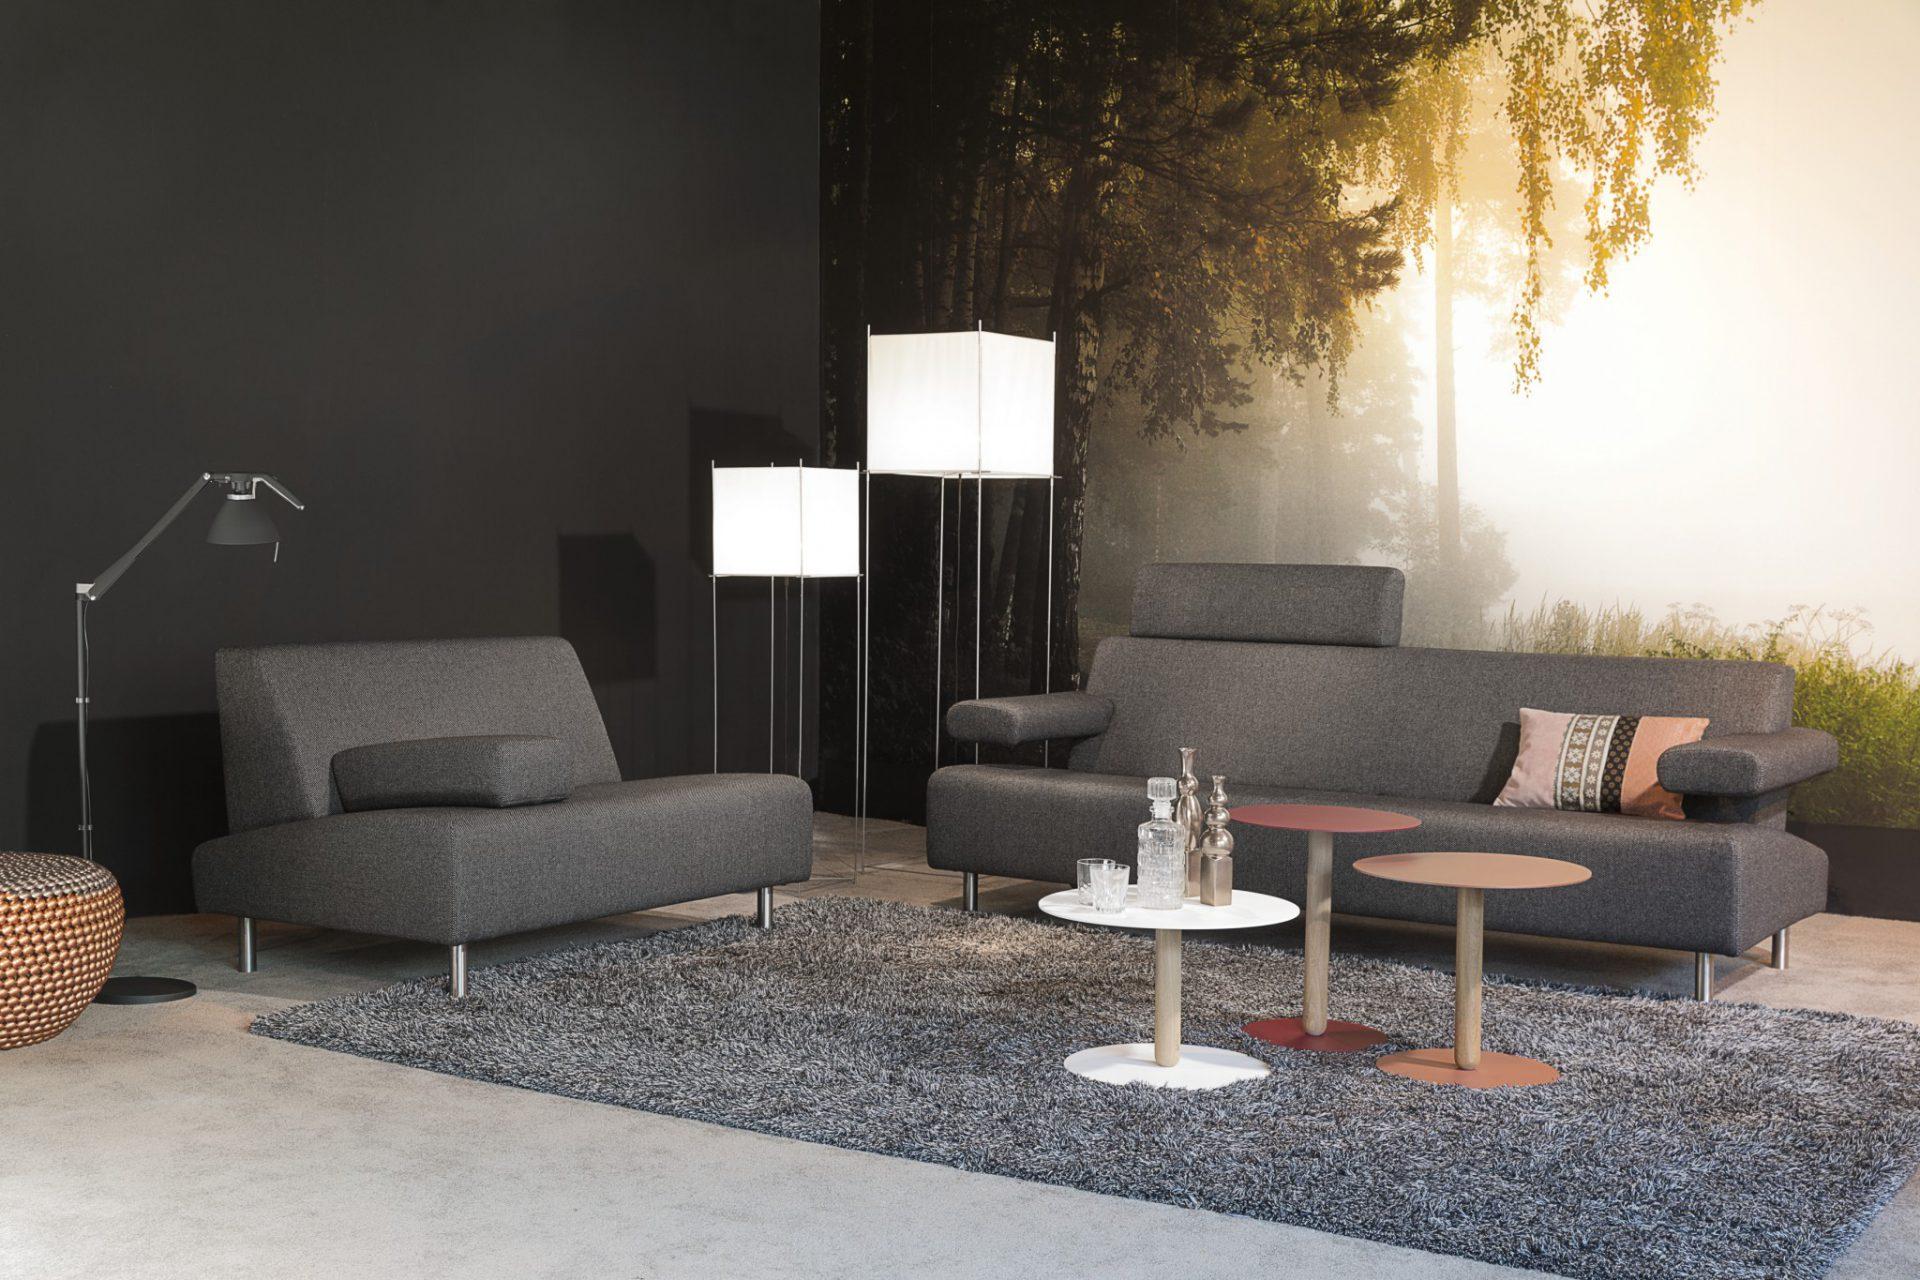 Havee meubelen | Hoogebeen Interieur